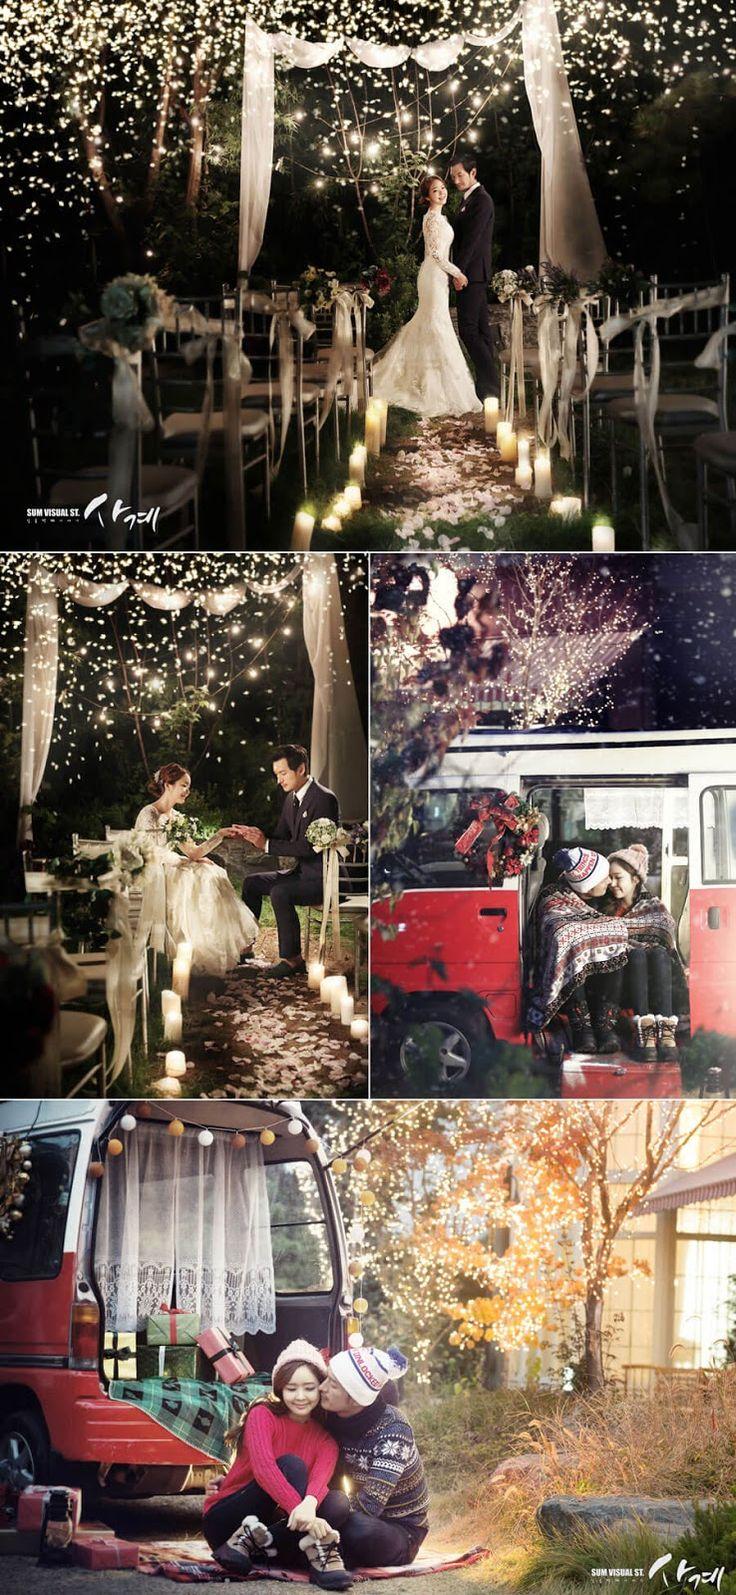 Korelilerin Düğün Fotoğraf Konseptleri - Neşeli Süs Evim - Ücretsiz Doğum Günü Süsleri